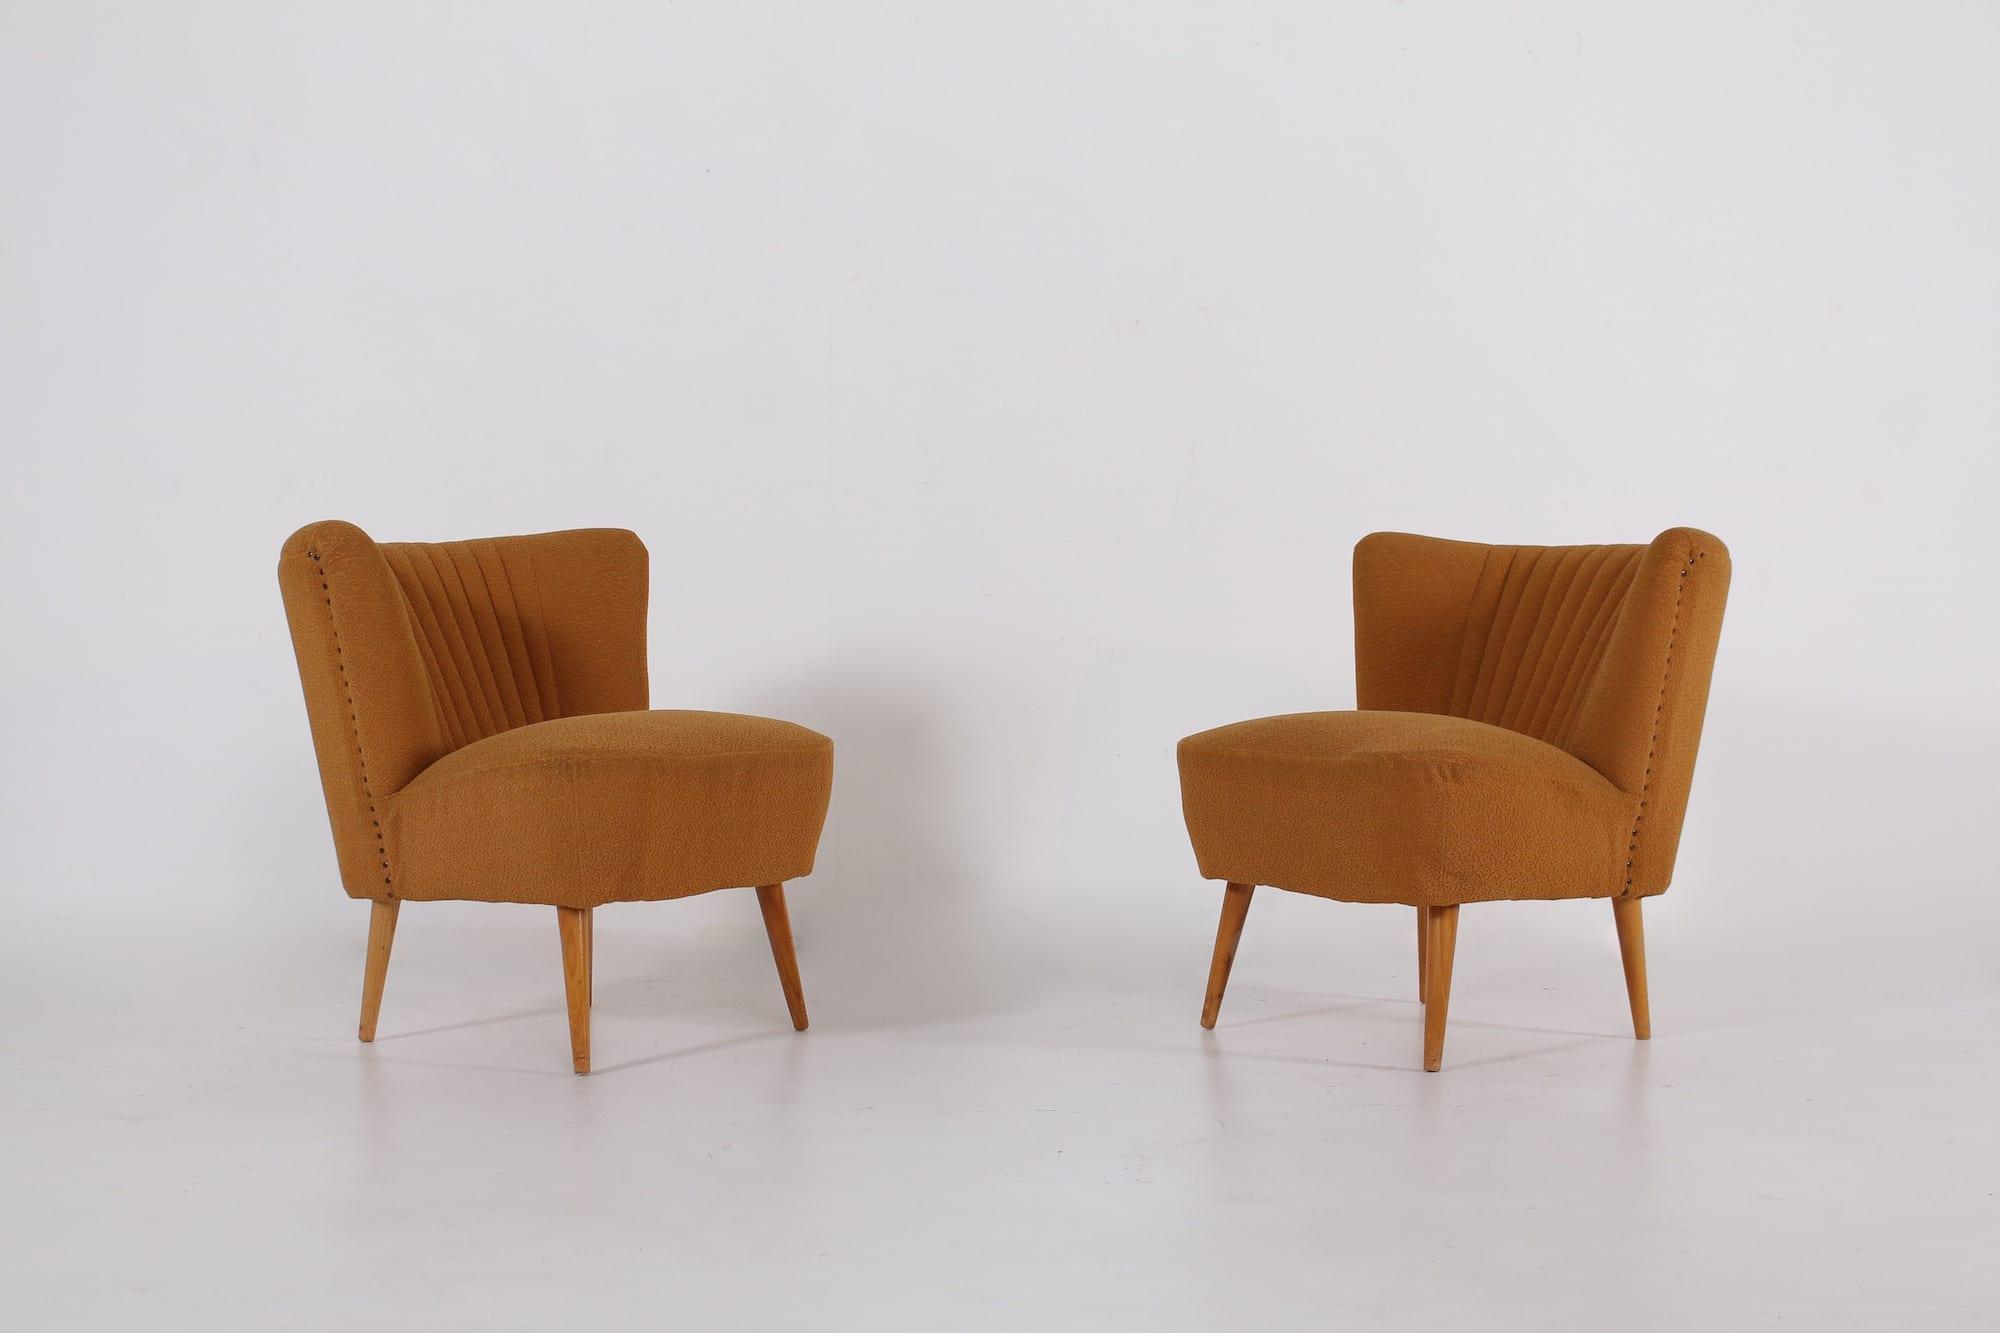 fauteuils cocktails annes 50 - Fauteuil Cocktail Vintage